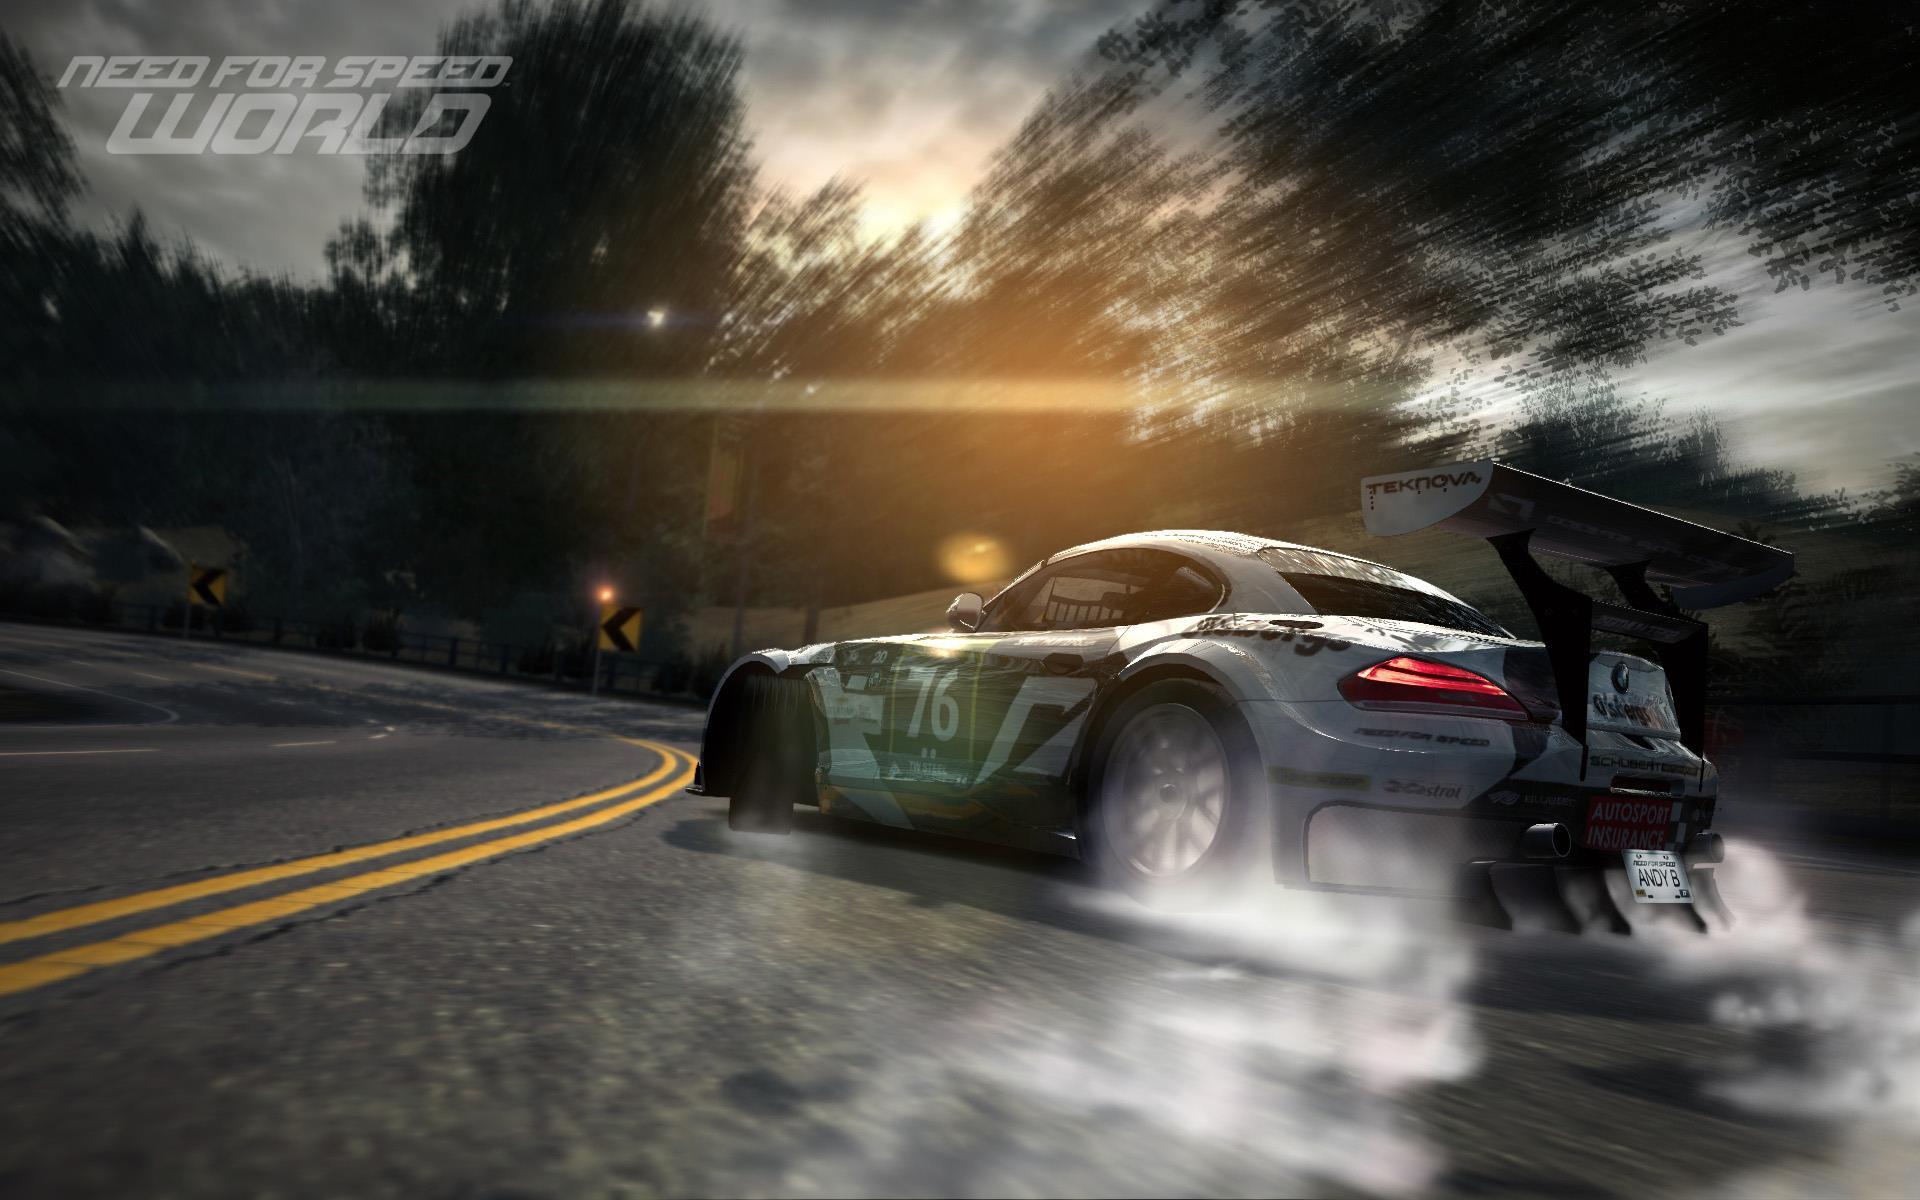 BMW Z4 GT3 | NFS World Wiki | FANDOM powered by Wikia